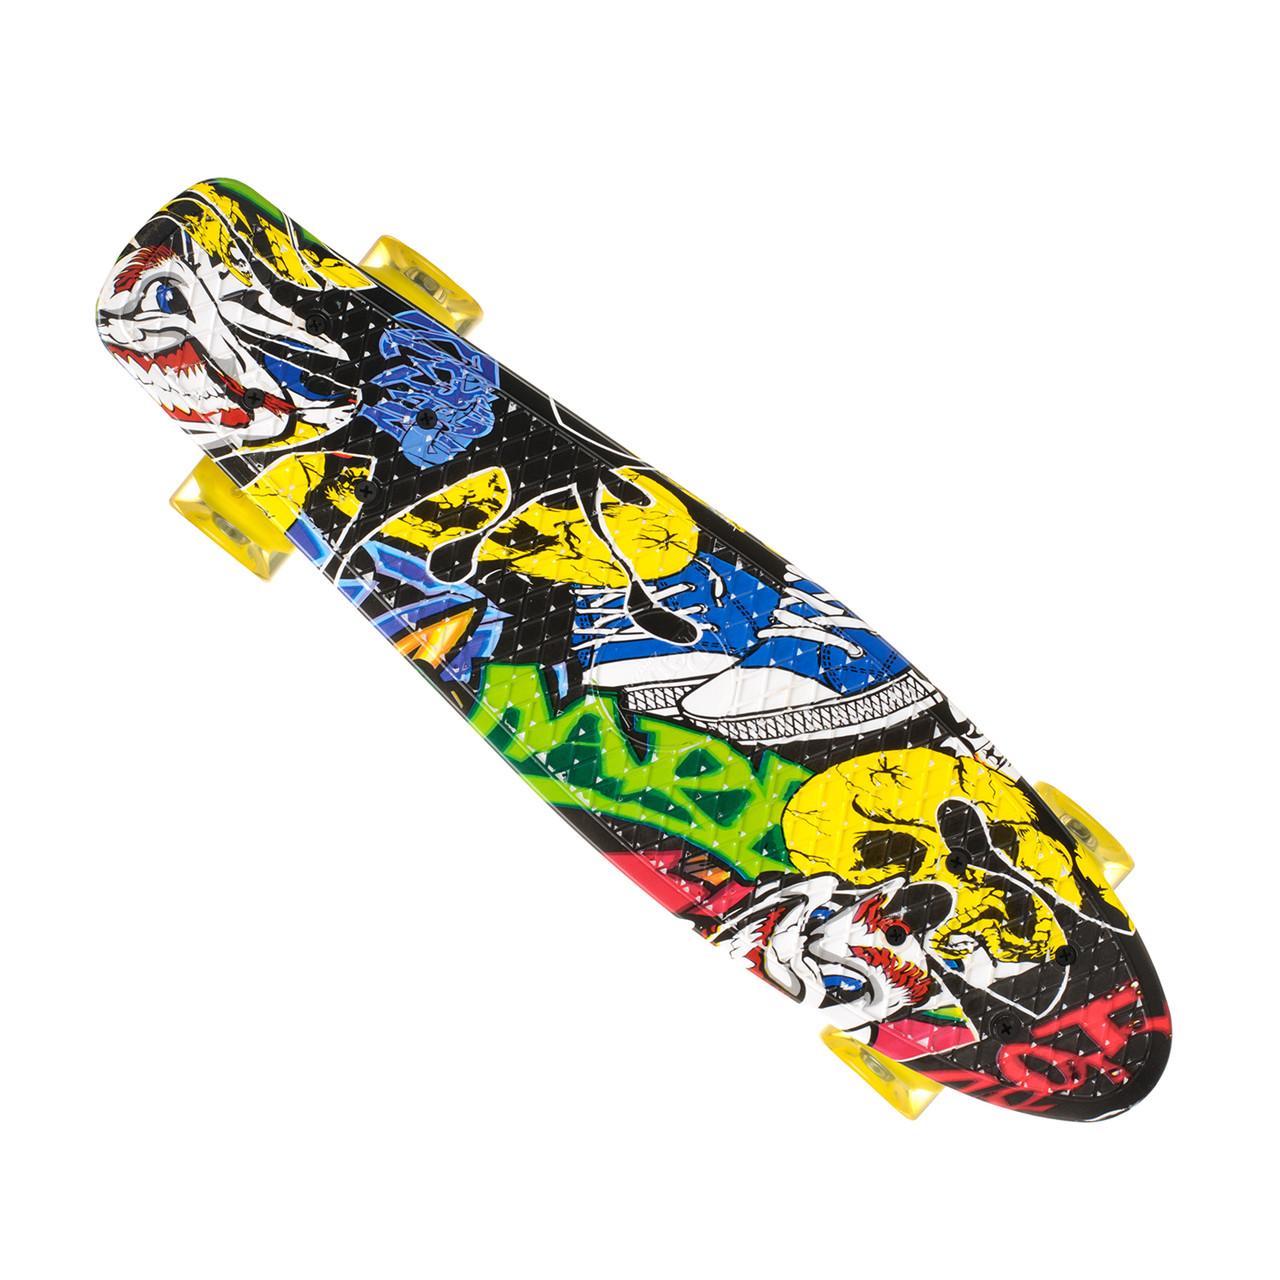 Скейт Пенни борд Best Board 24, колёса PU Светящиеся Граффити (односторонний окрас)